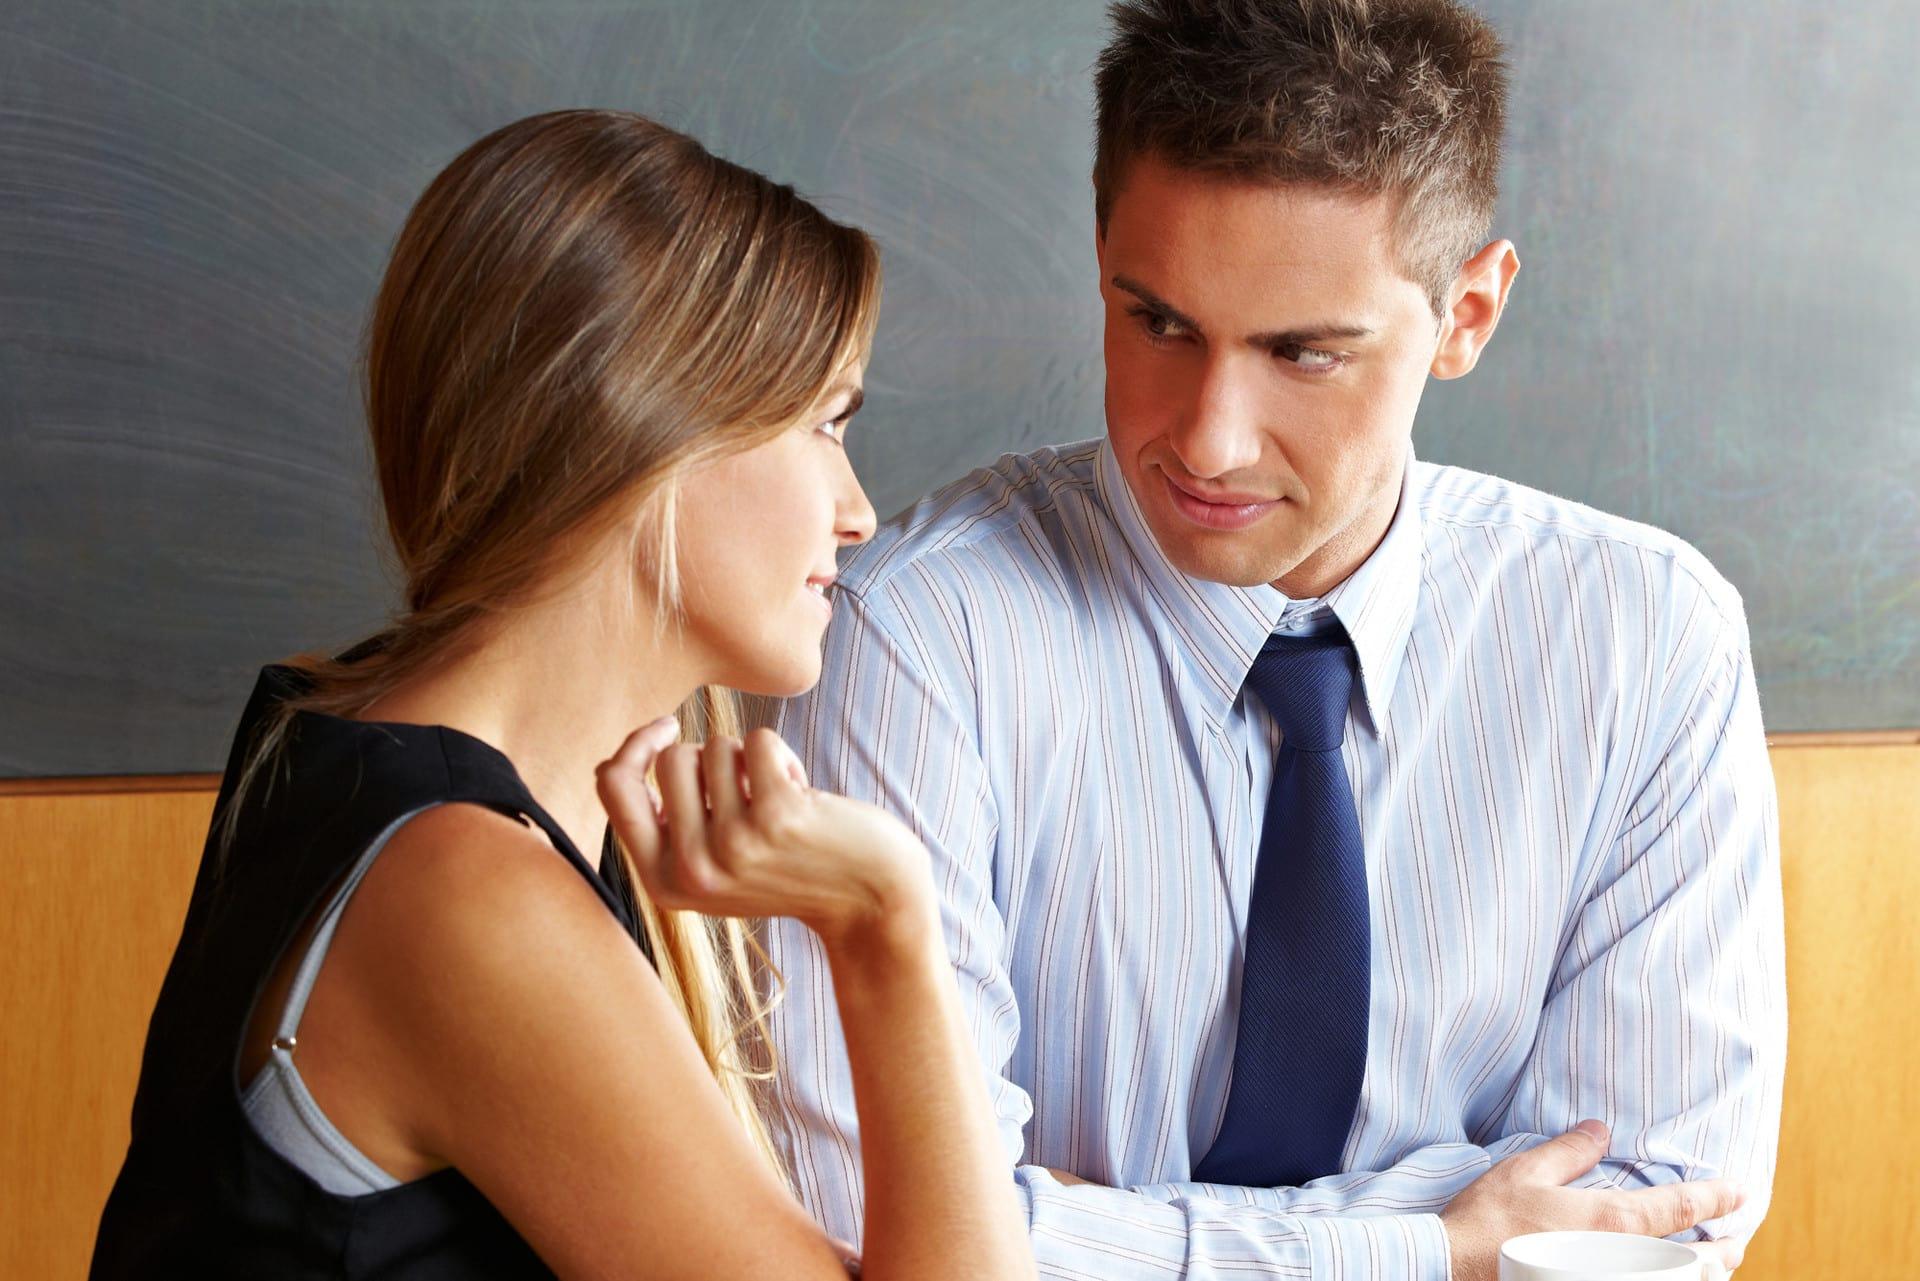 как определить отношение мужчины к себе по взгляду